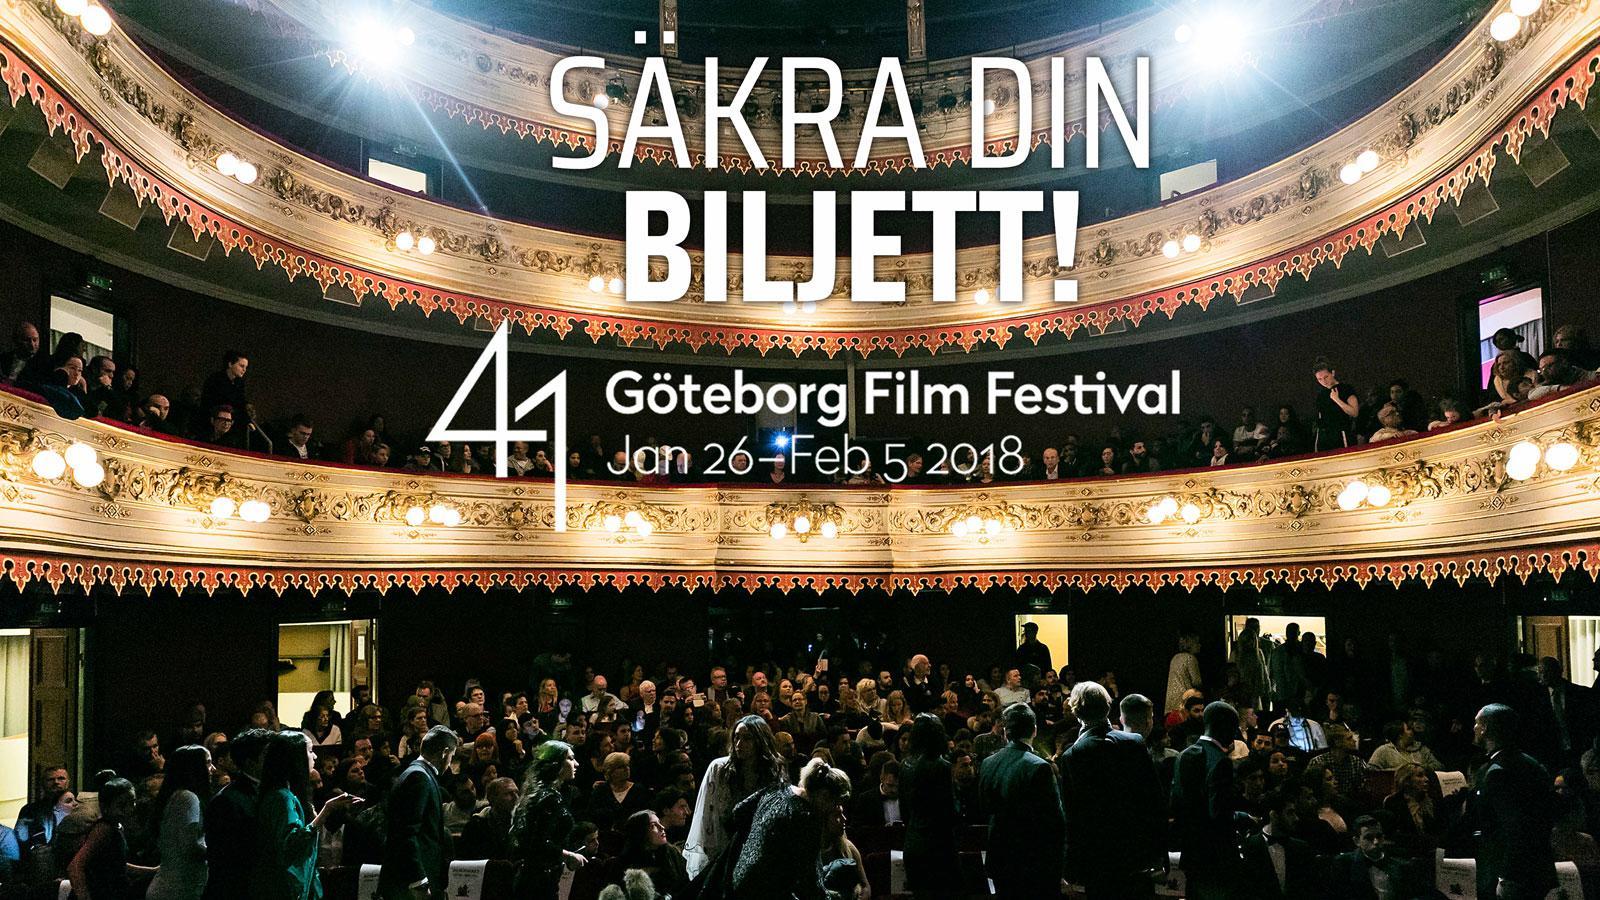 Invigning Göteborgs Filmfestival 2018